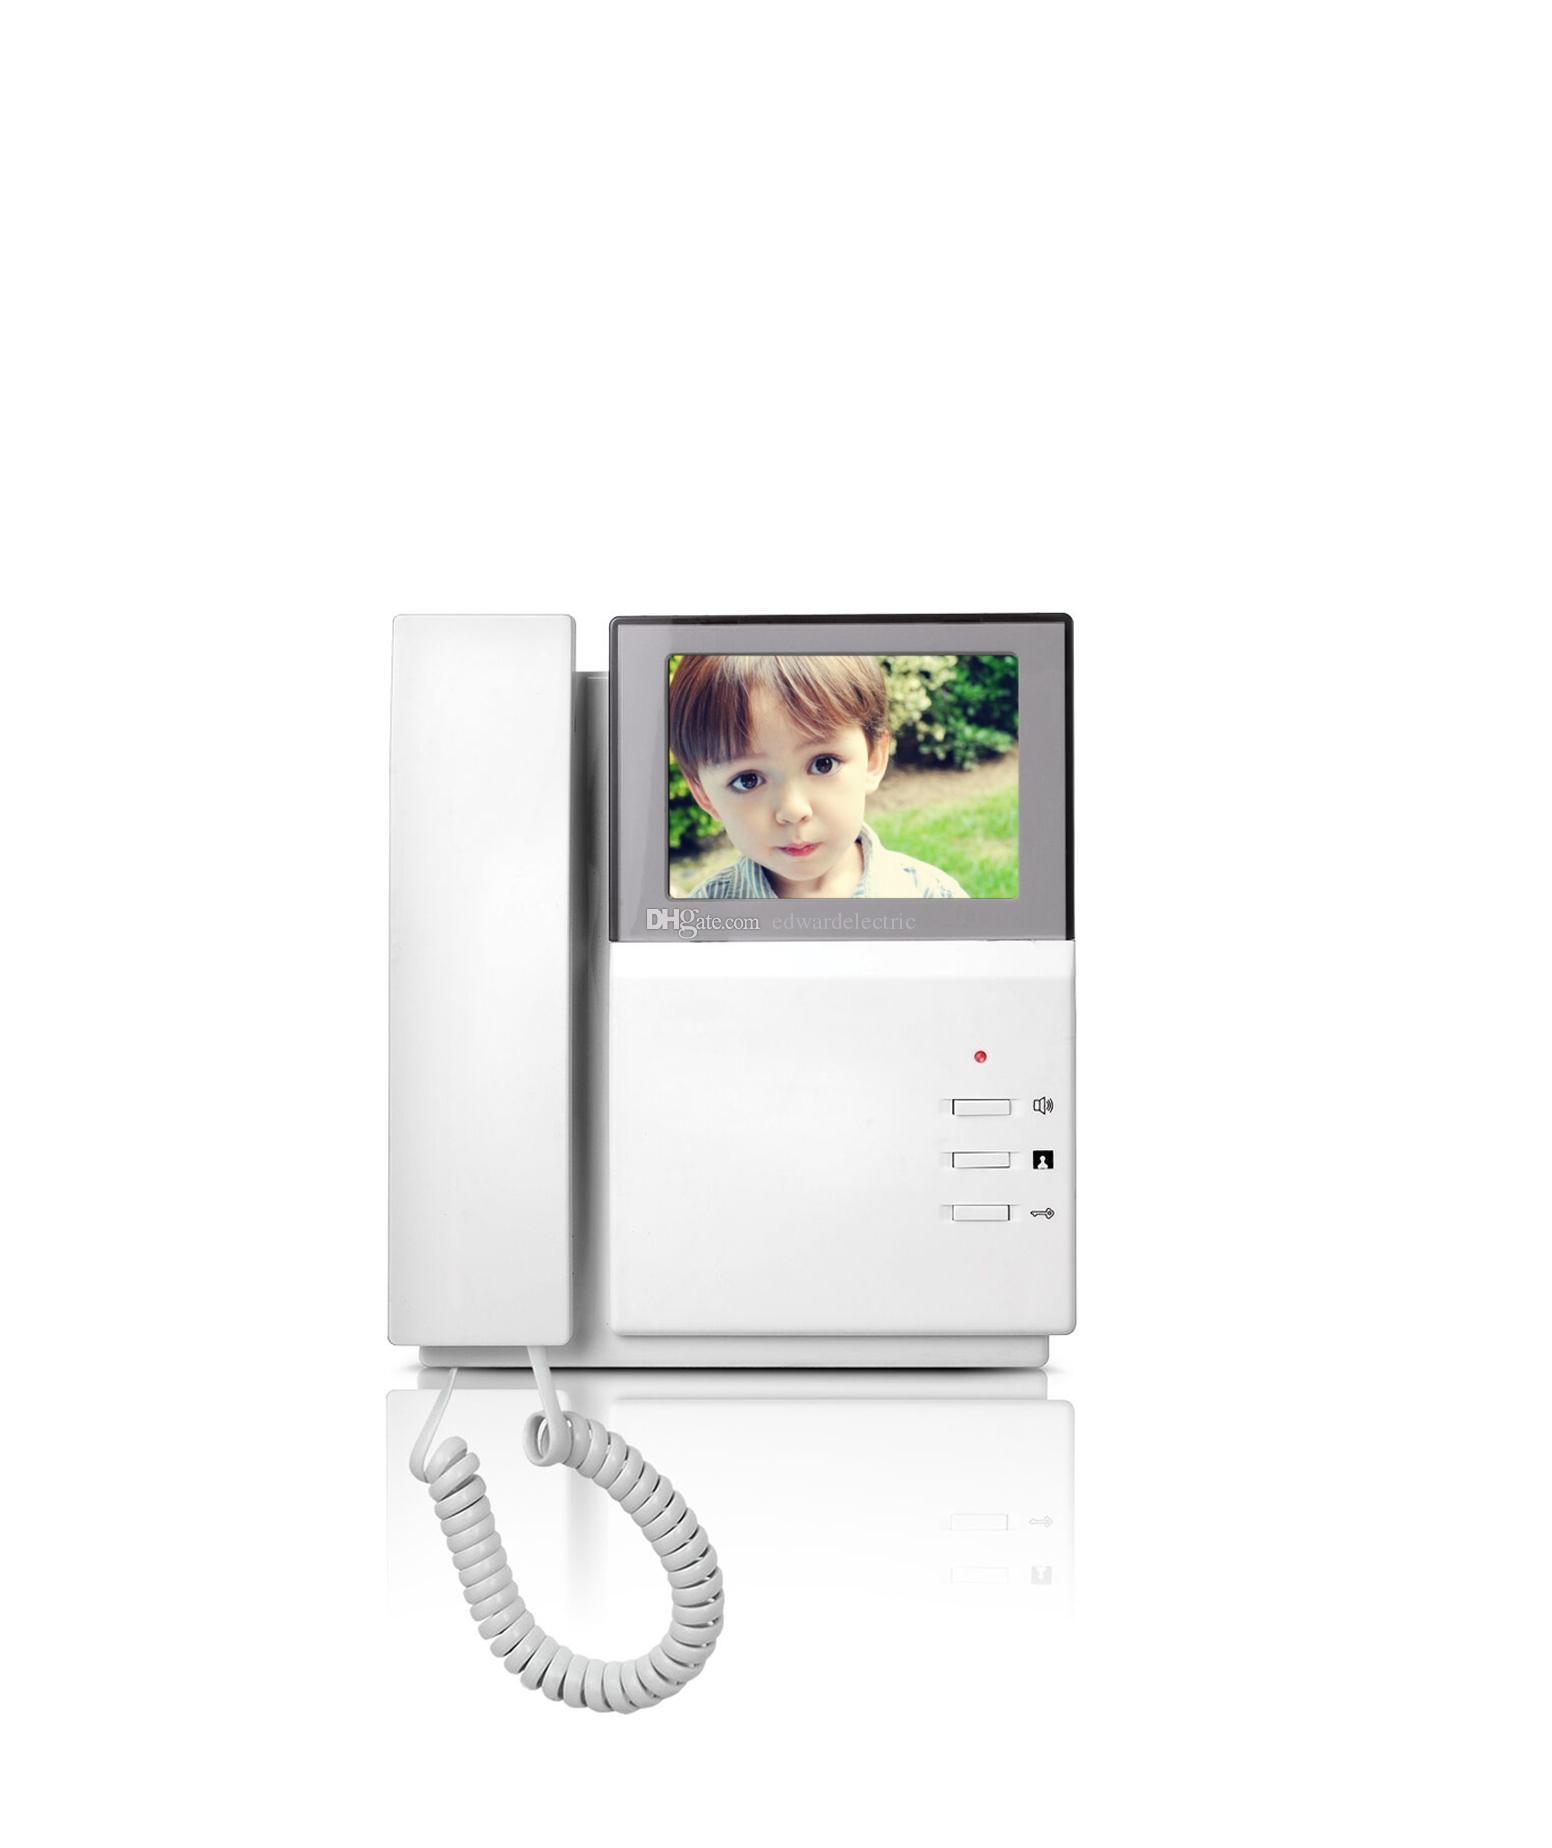 4.3 LCD Video Kapı Telefonu Kapı Zili Çan Interkom Sistemi Video Kamera el seti kapalı monitör